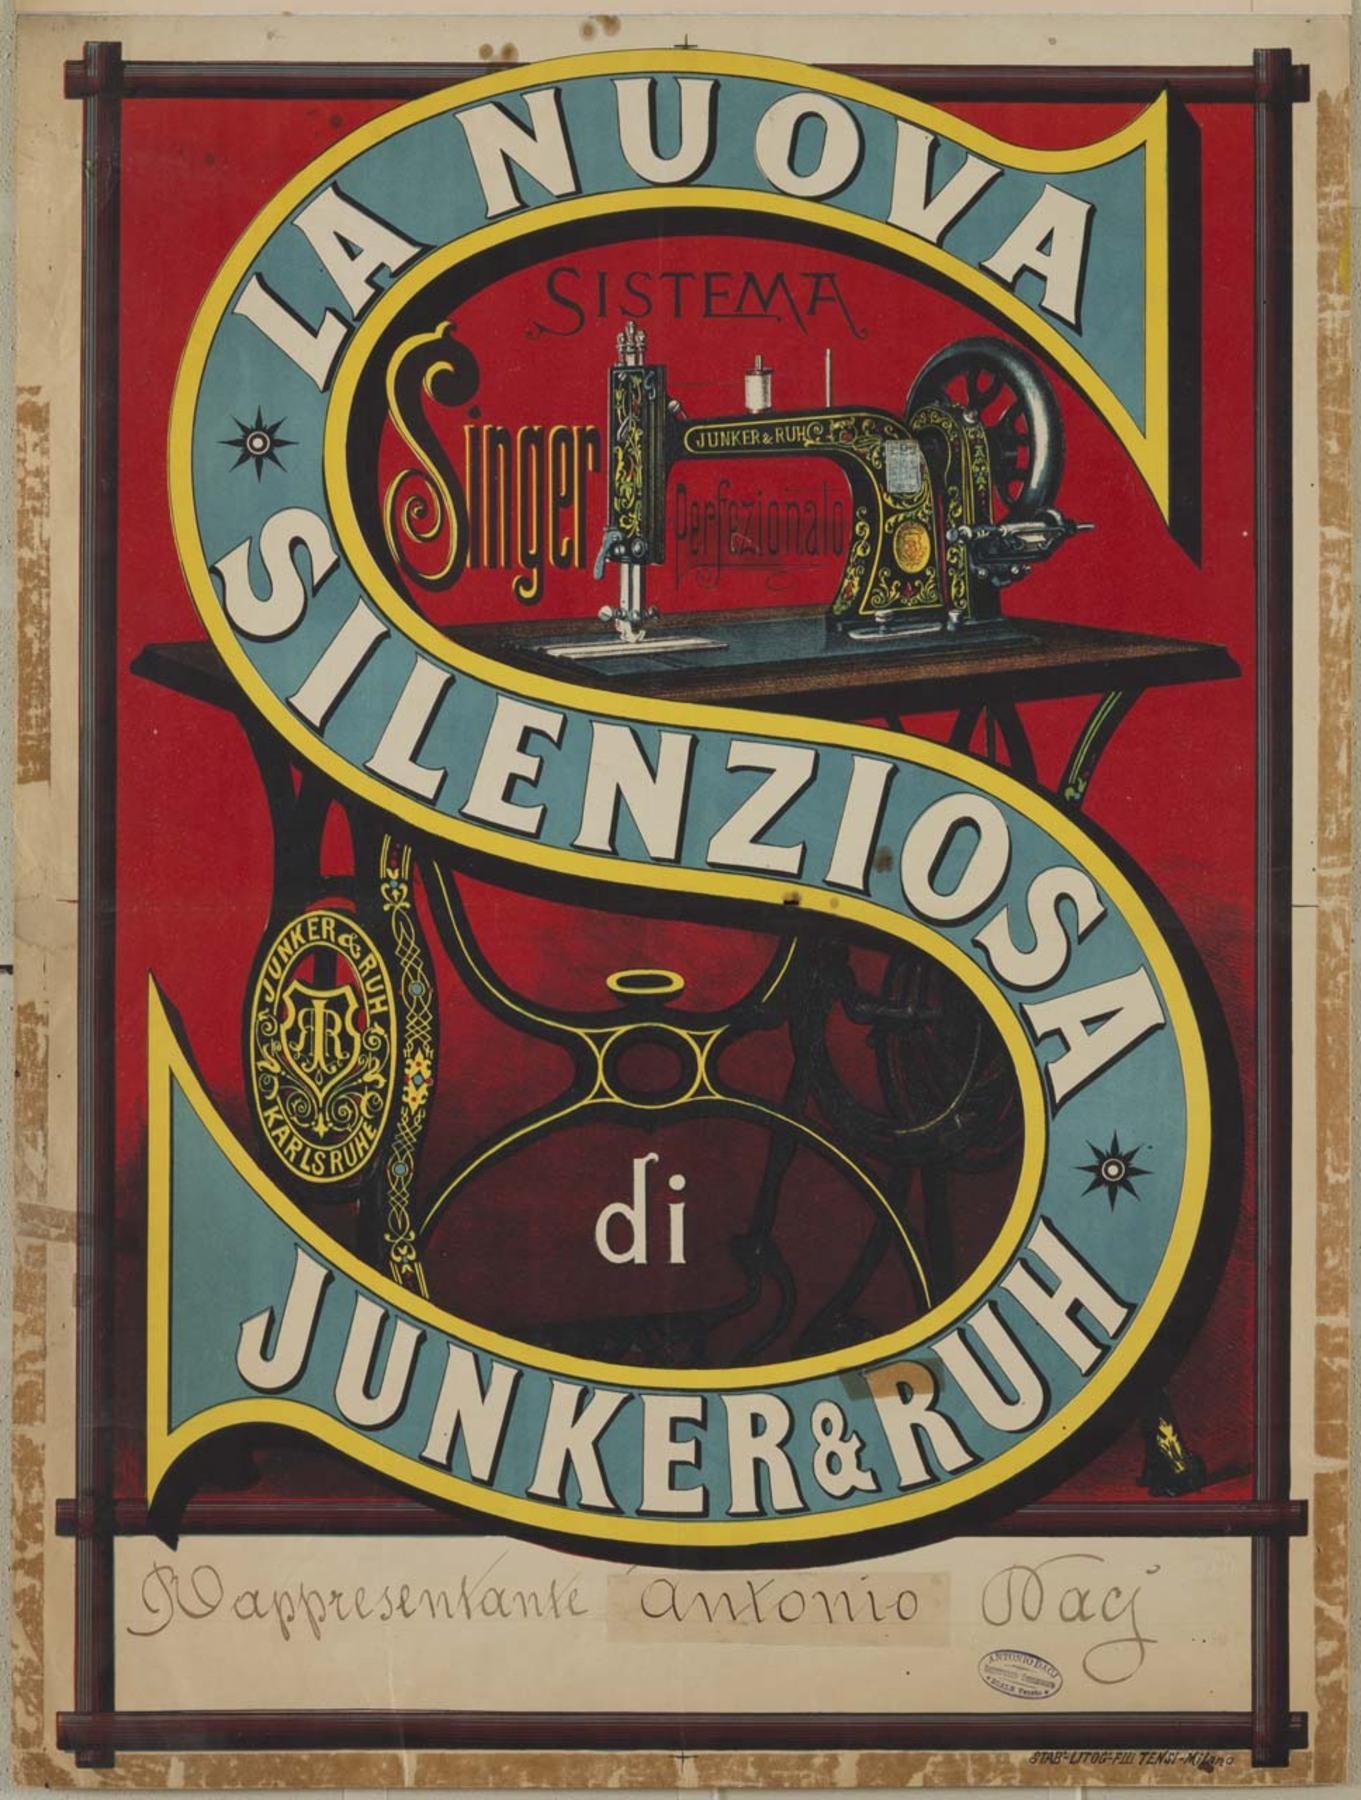 Collezione Salce: La nuova silenziosa Junker & Ruh